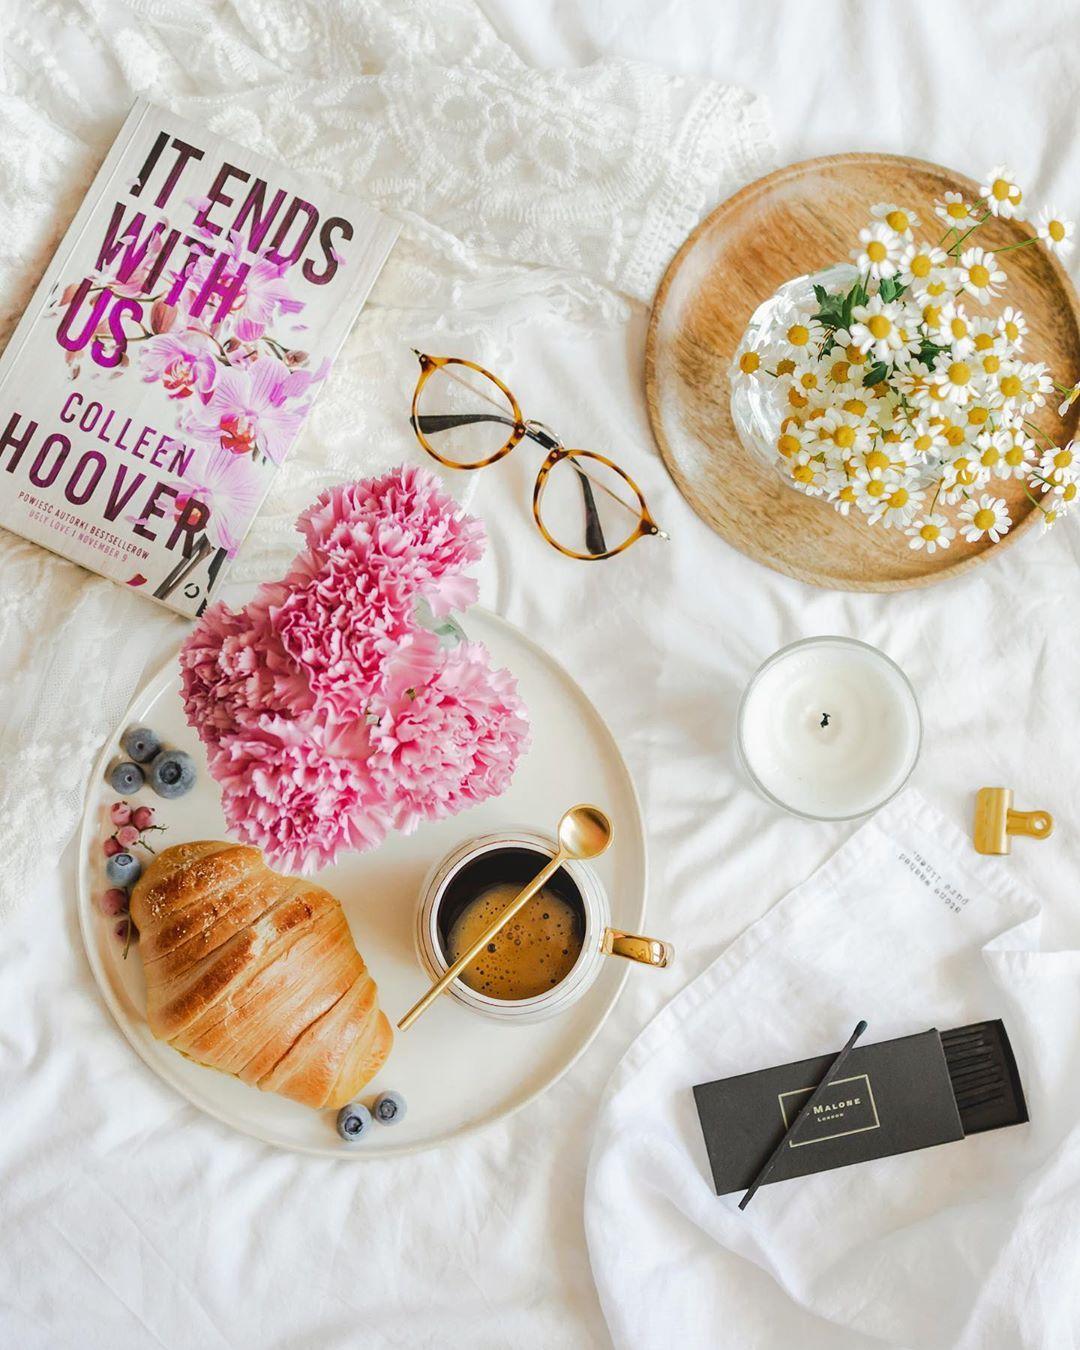 bf8b6a9df3551 Beata • Home & Travel в Instagram: «Dzień dobry 🙂 ______ Czy są tu jacyś  fani Colleen Hoover? Wiem, że już dawno był szał… | Интерьер вдохновение in  2019